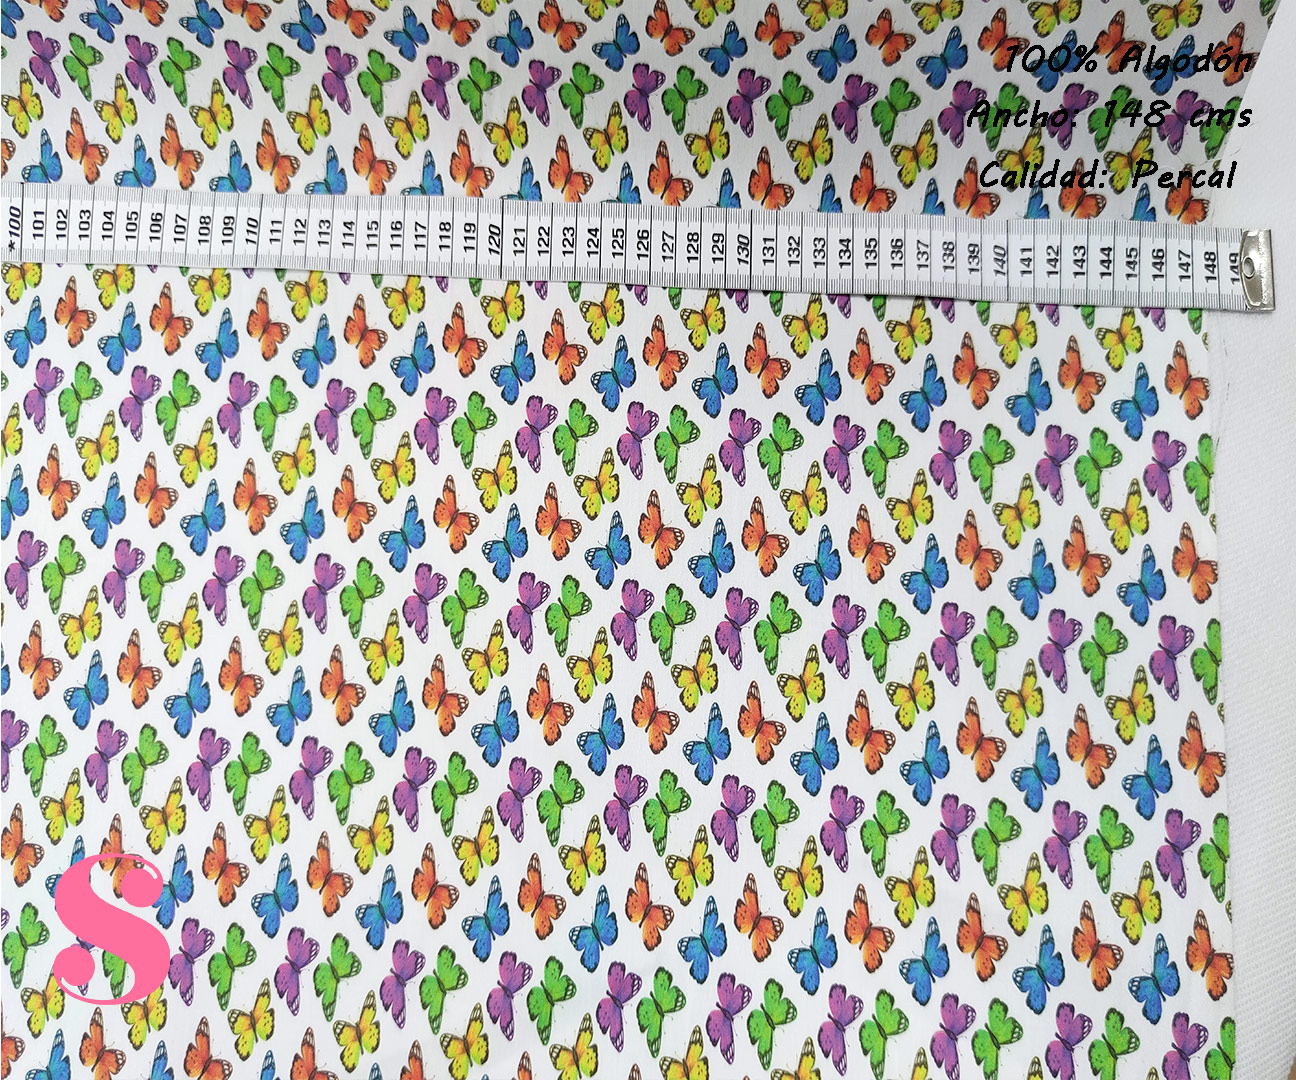 mariposas-colorines-tejidos-algodón-estampado-percal,Tejido Estampado Mariposas